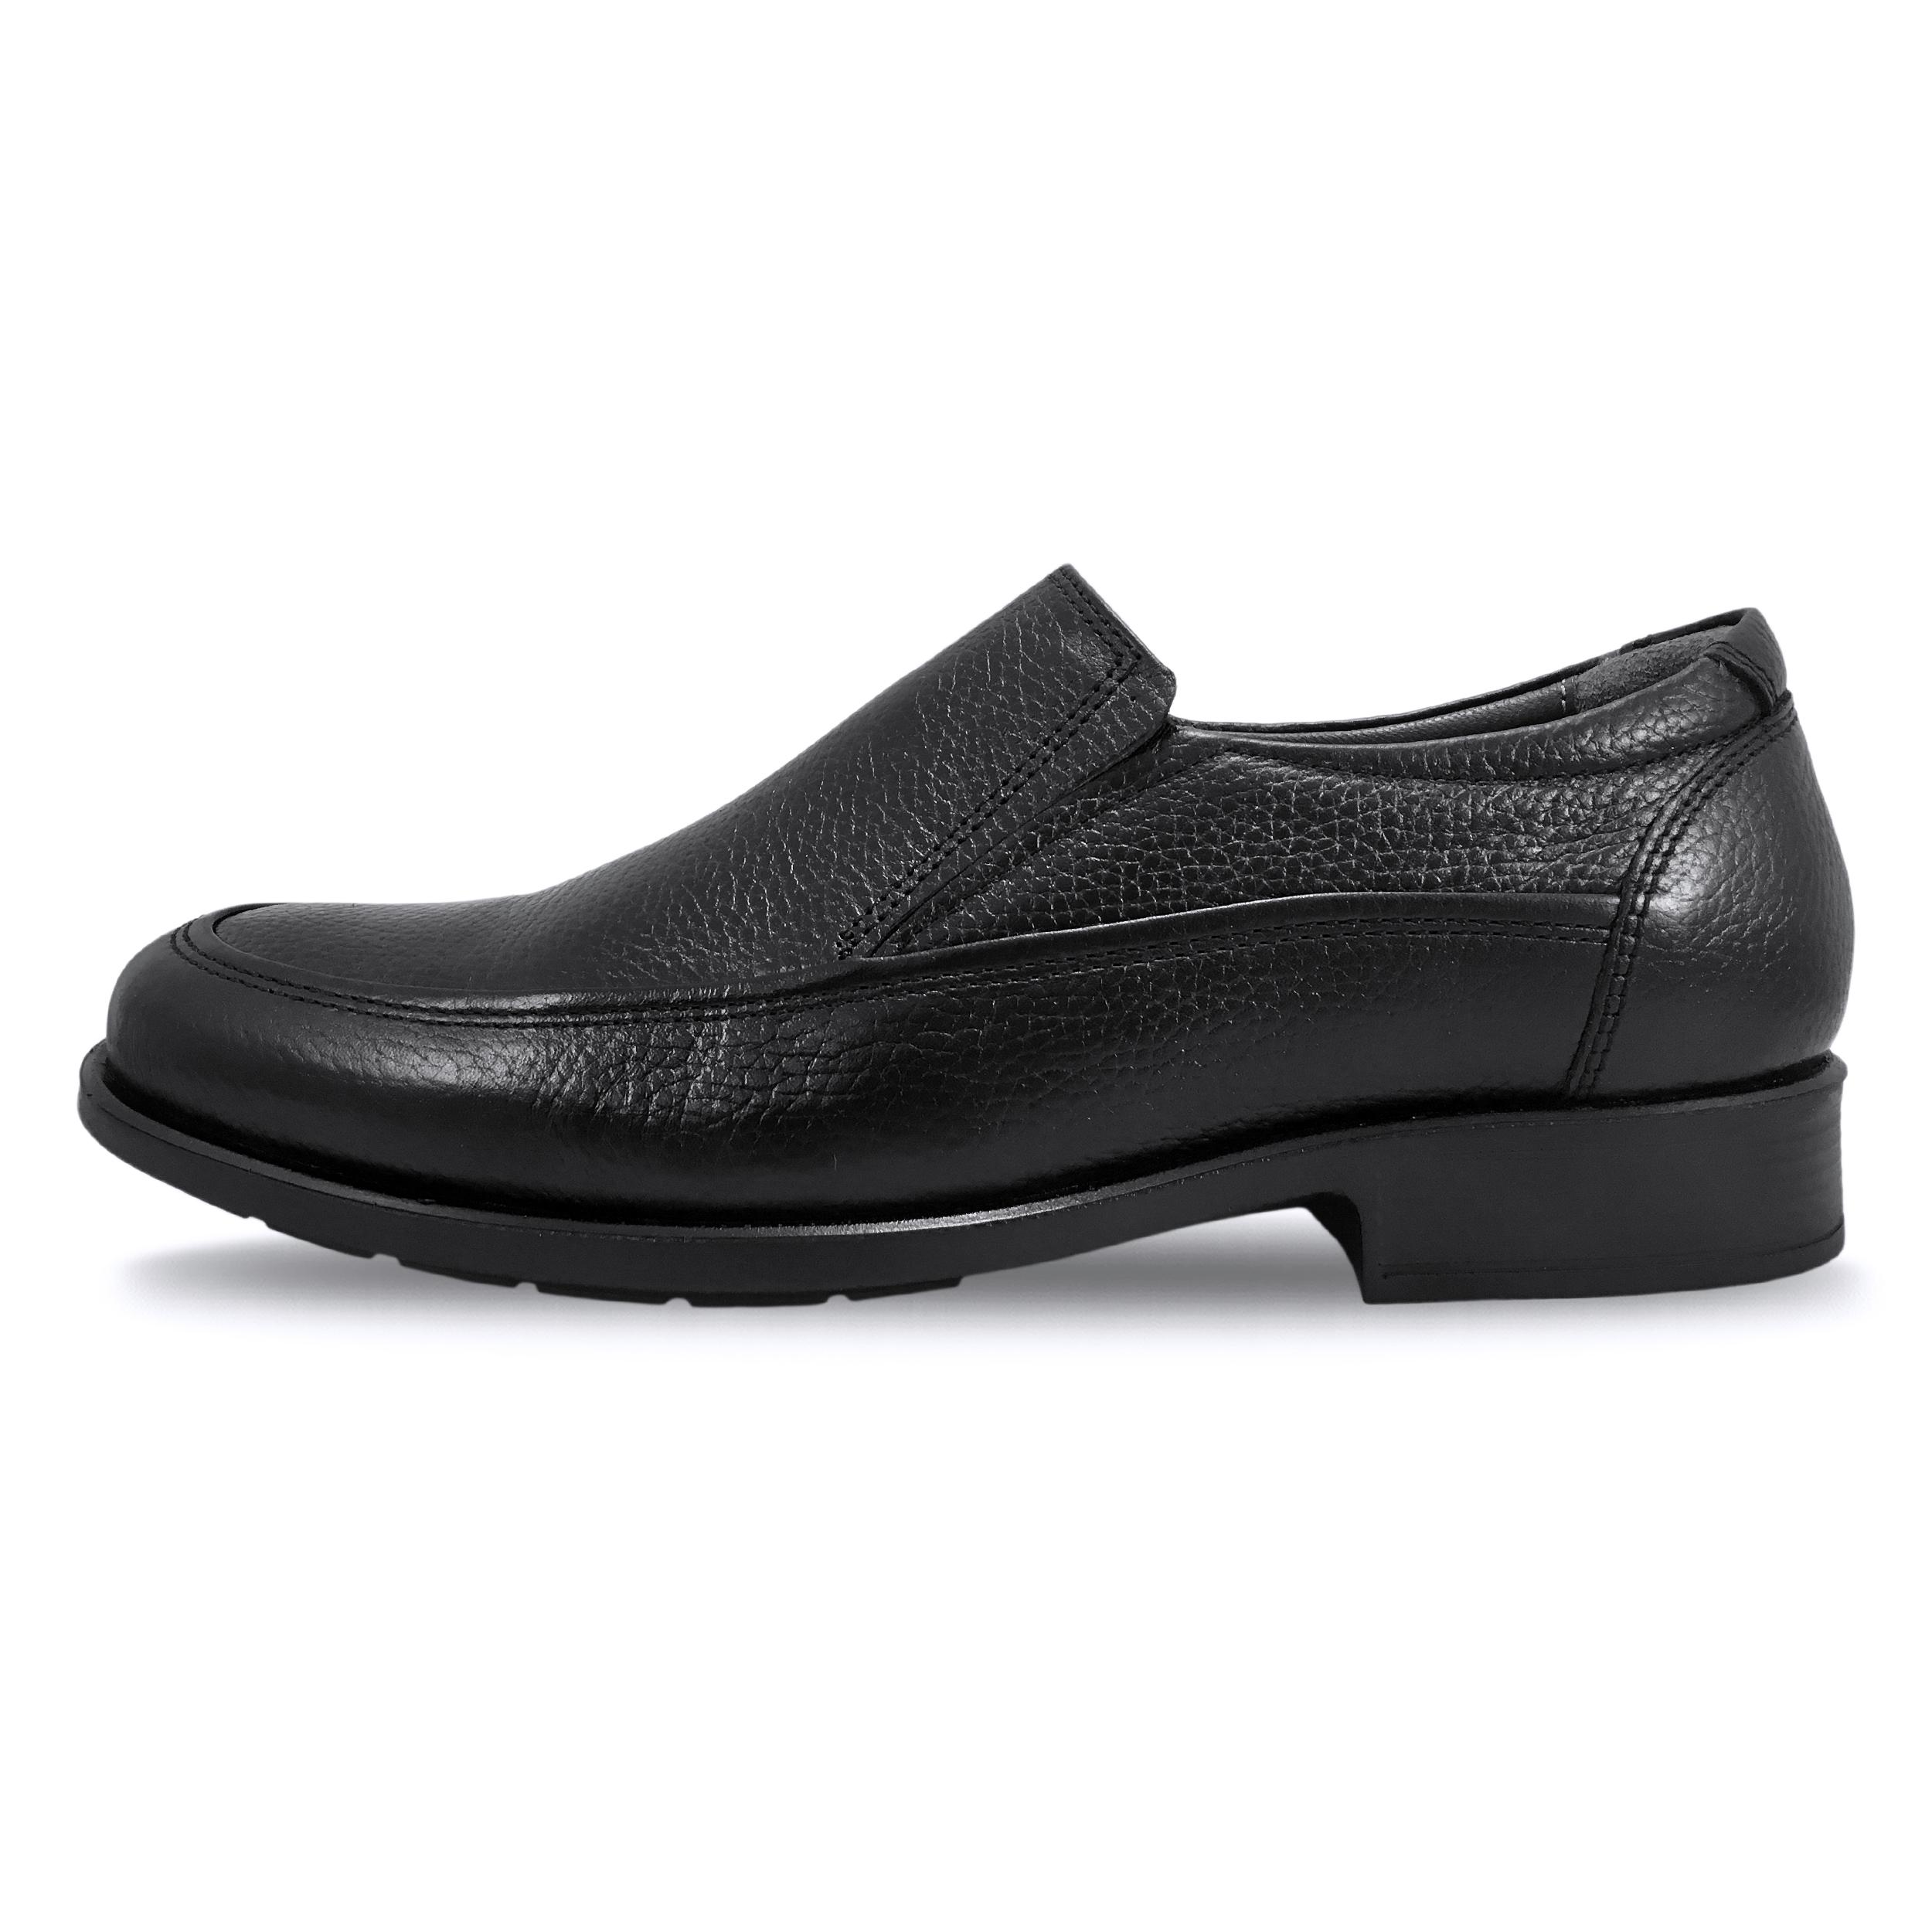 کفش مردانه البرز مدل تورین کد 3746